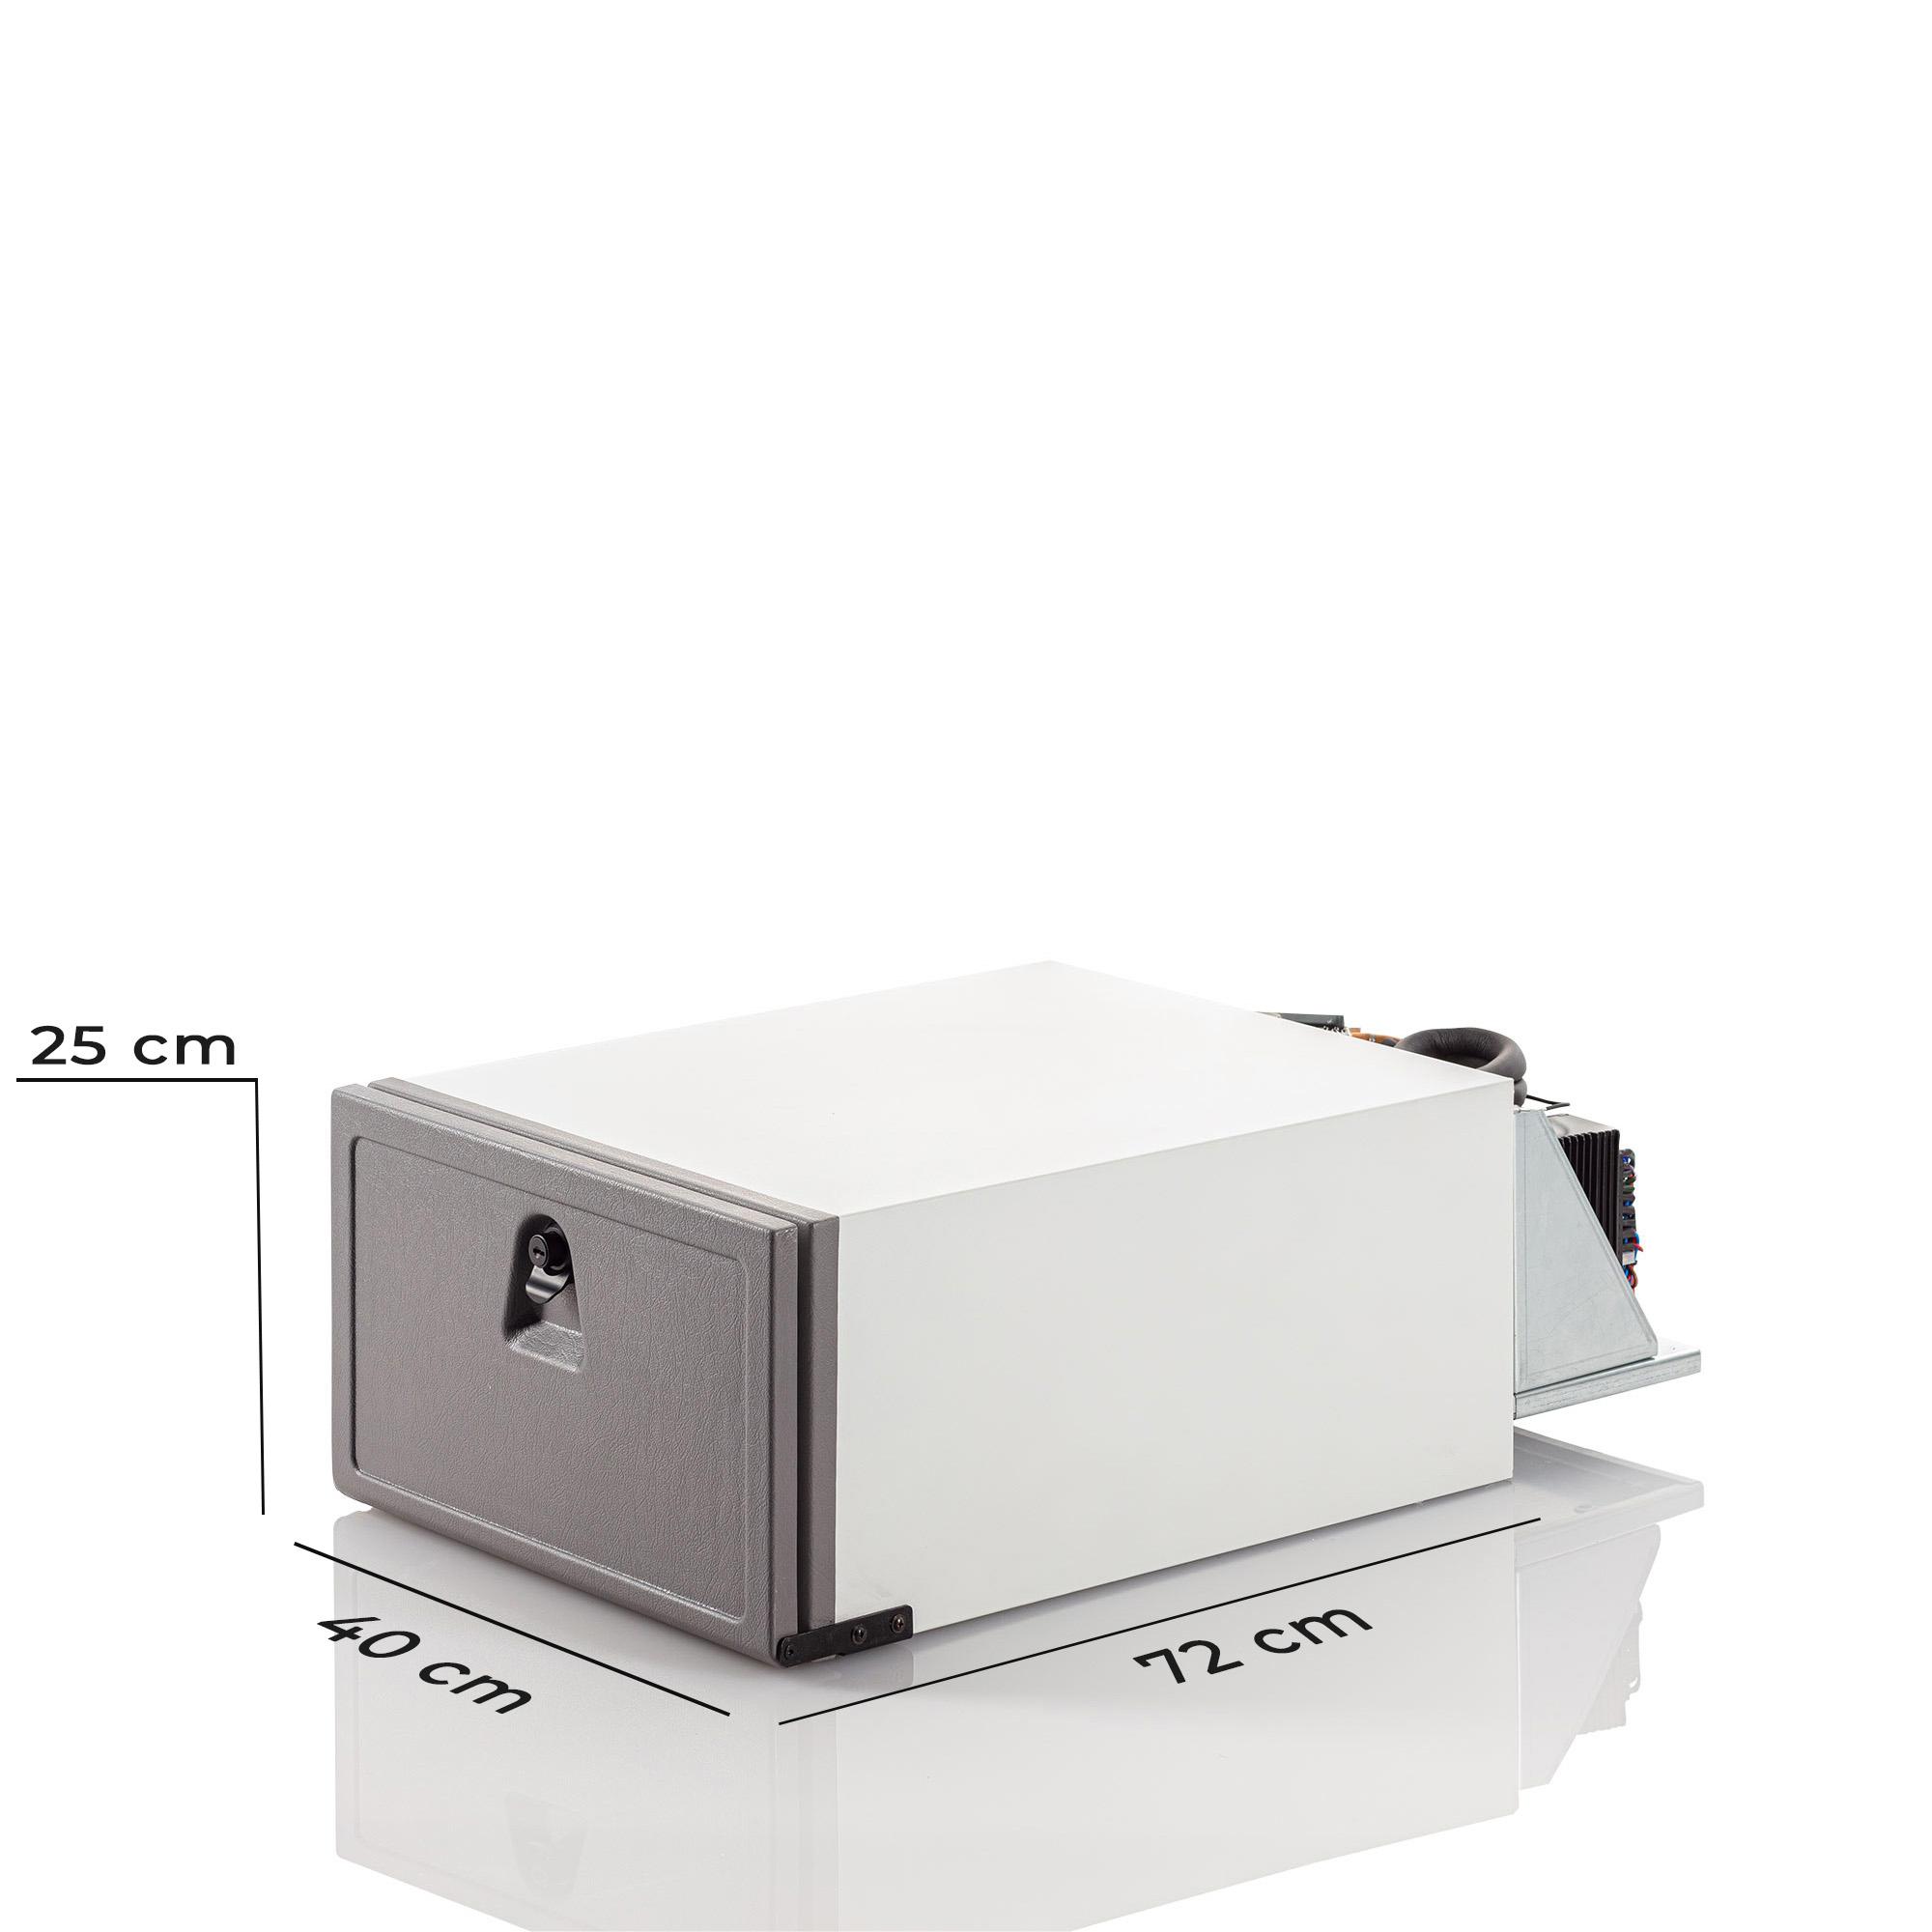 MEC 4024 28 LT Soğutucu Araç Buzdolabı